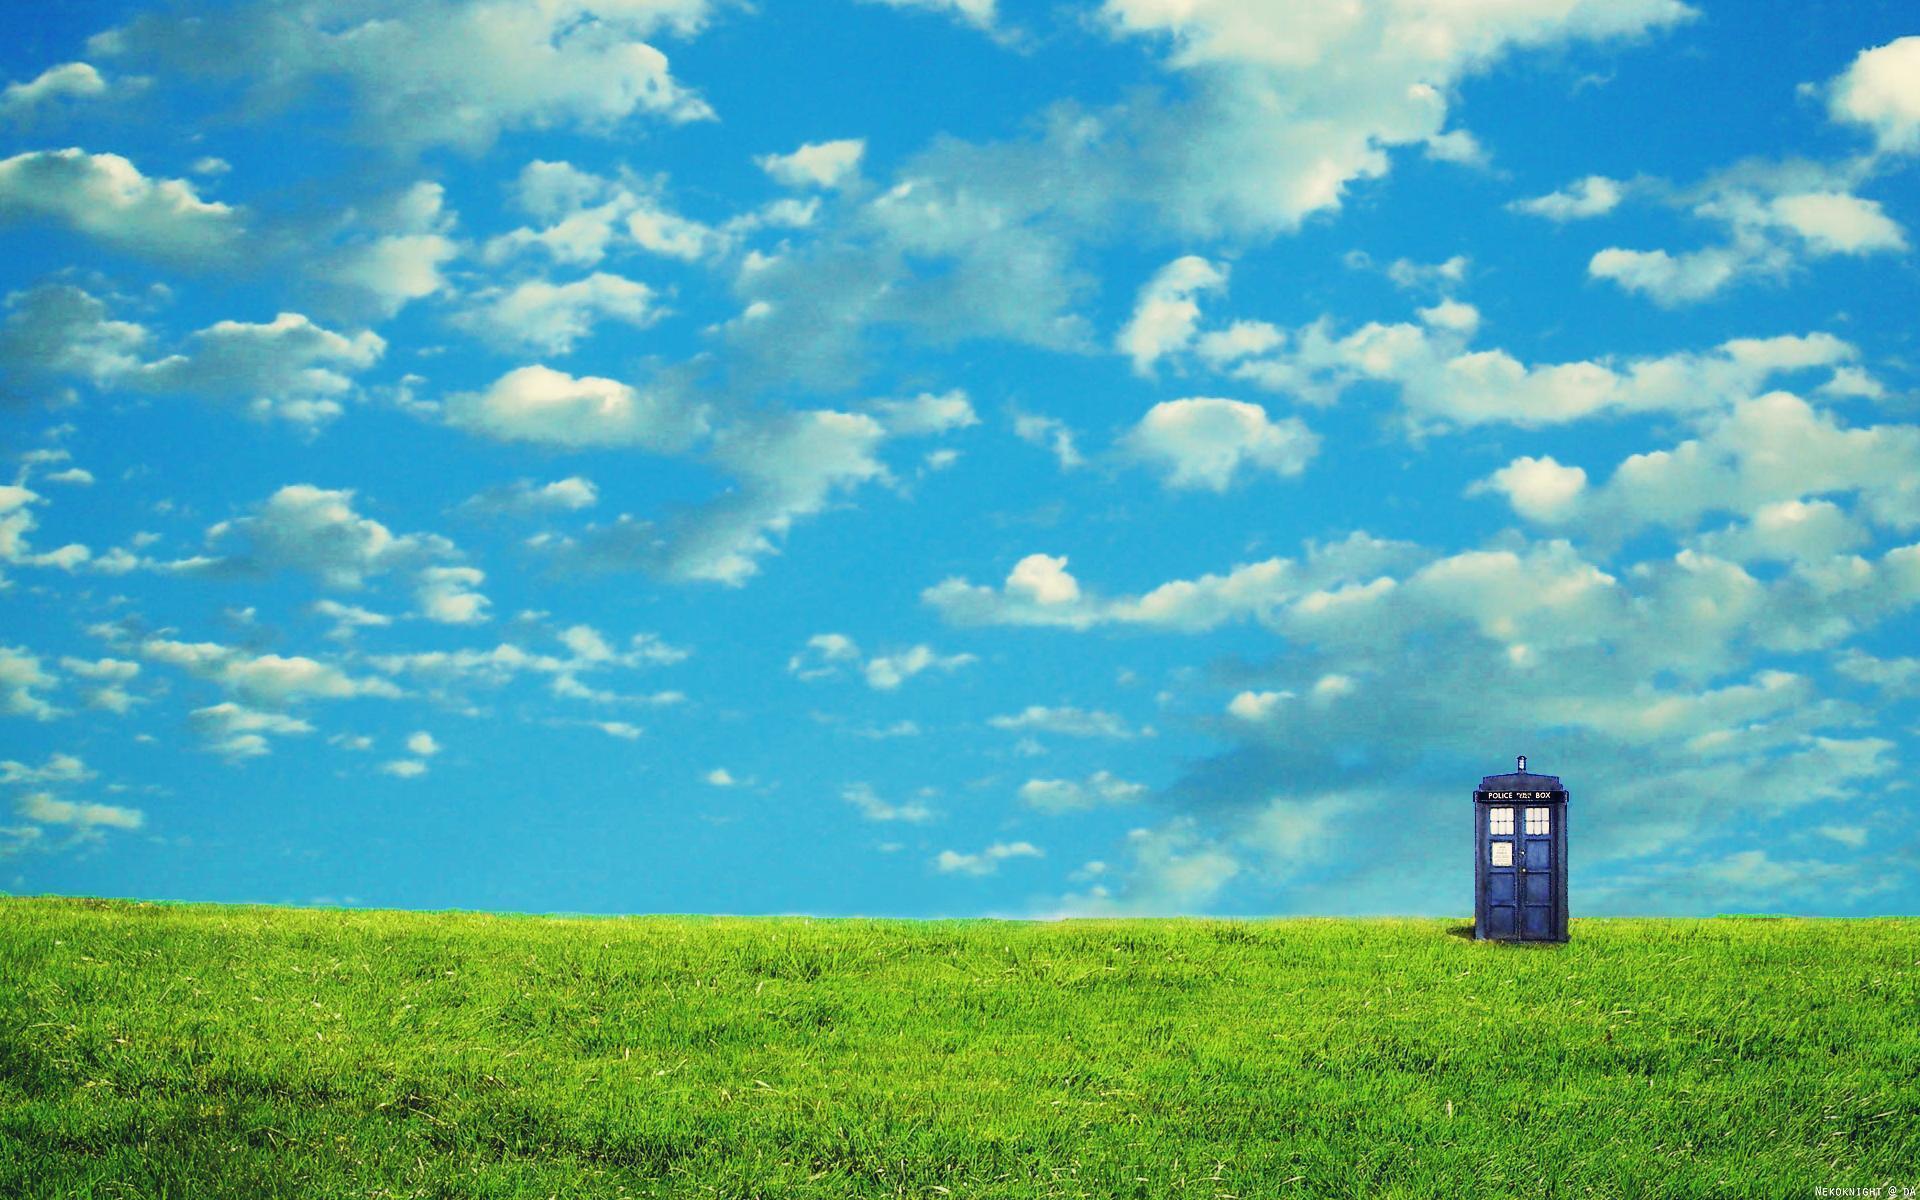 TARDIS Desktop Wallpapers - Wallpaper Cave